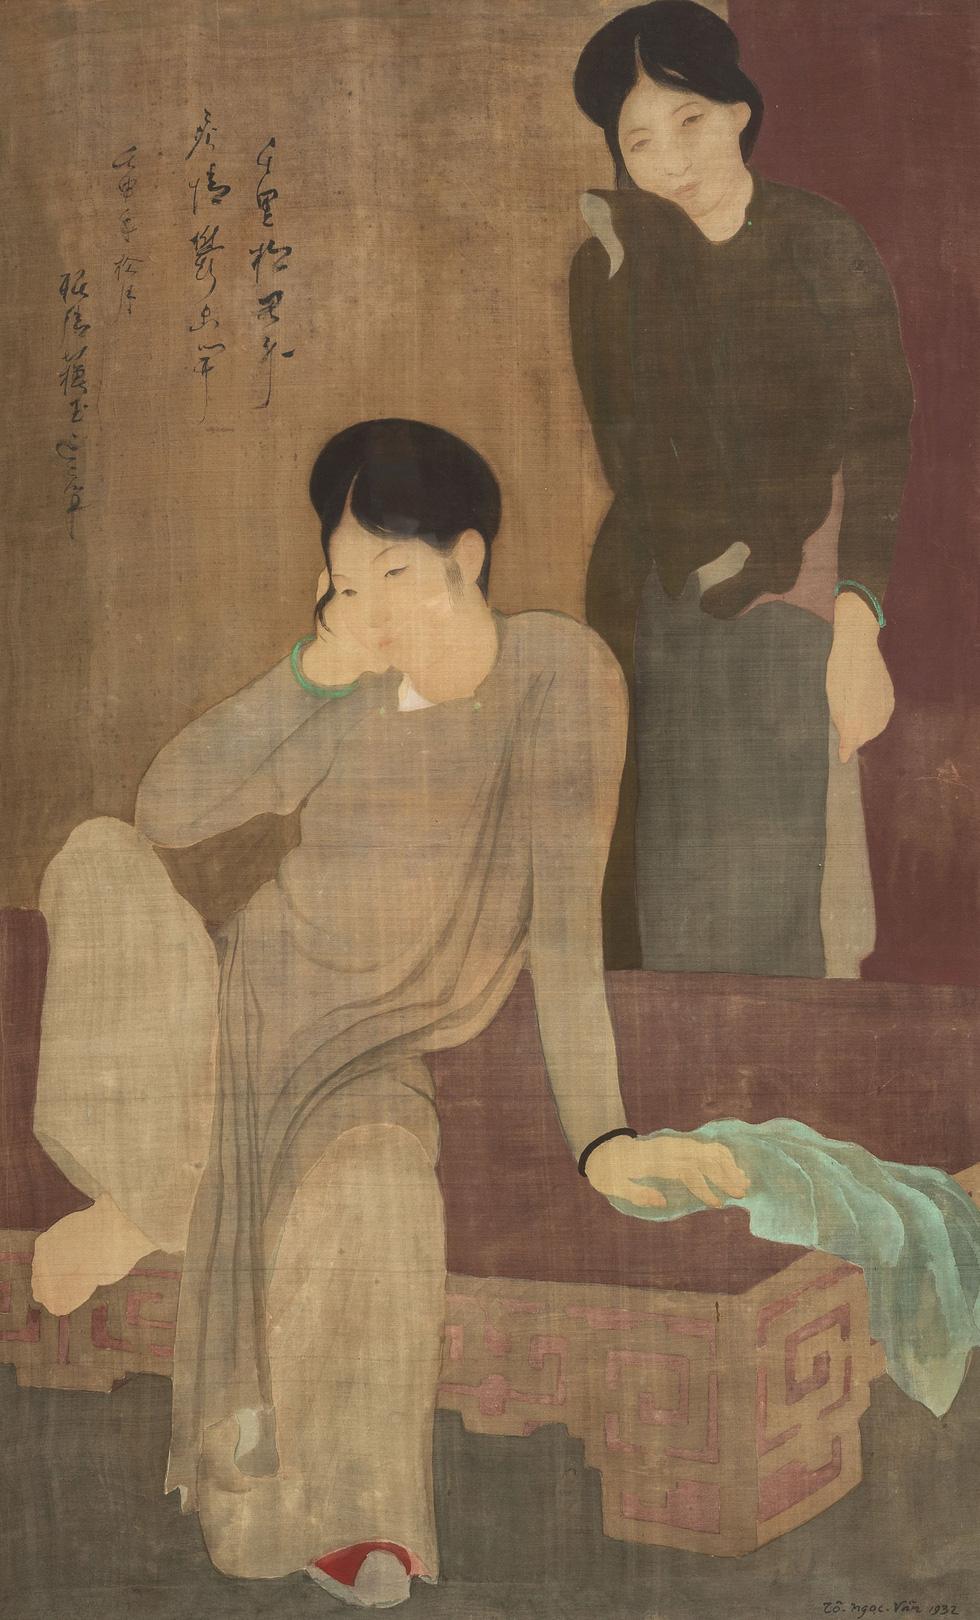 The painting Les Désabusées  late Vietnamese artist To Ngoc van